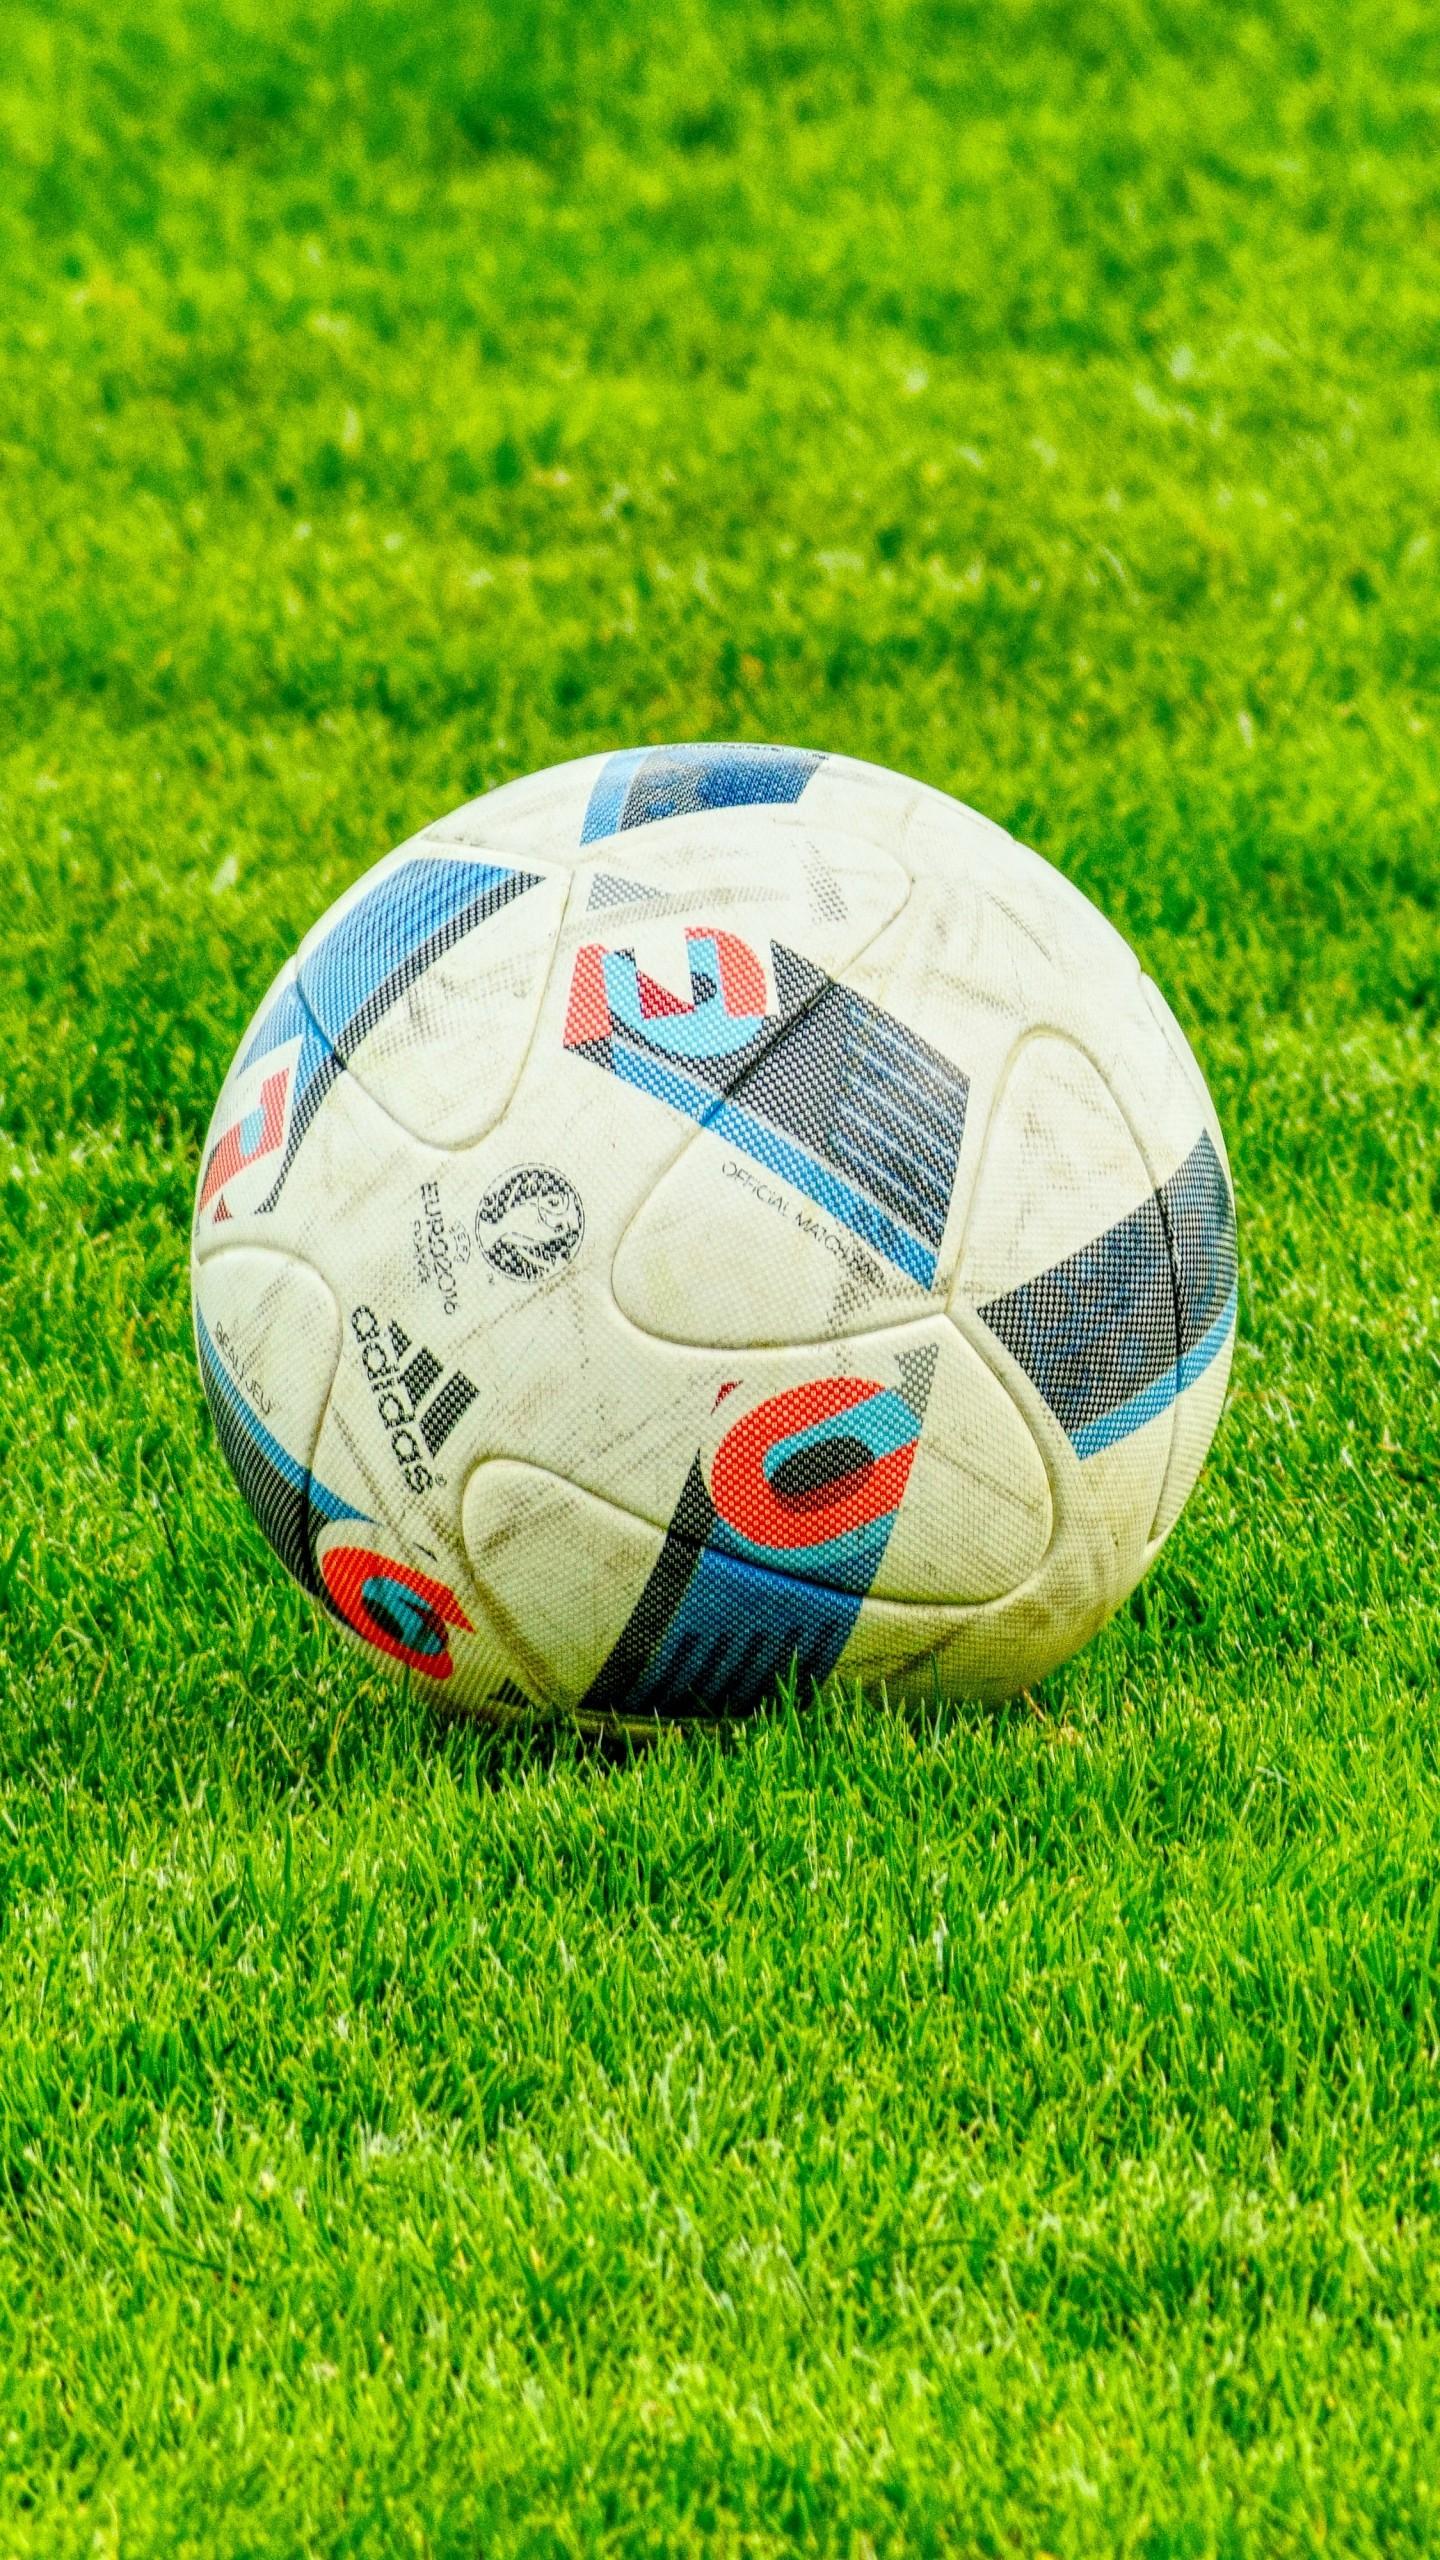 Football grass wallpaper